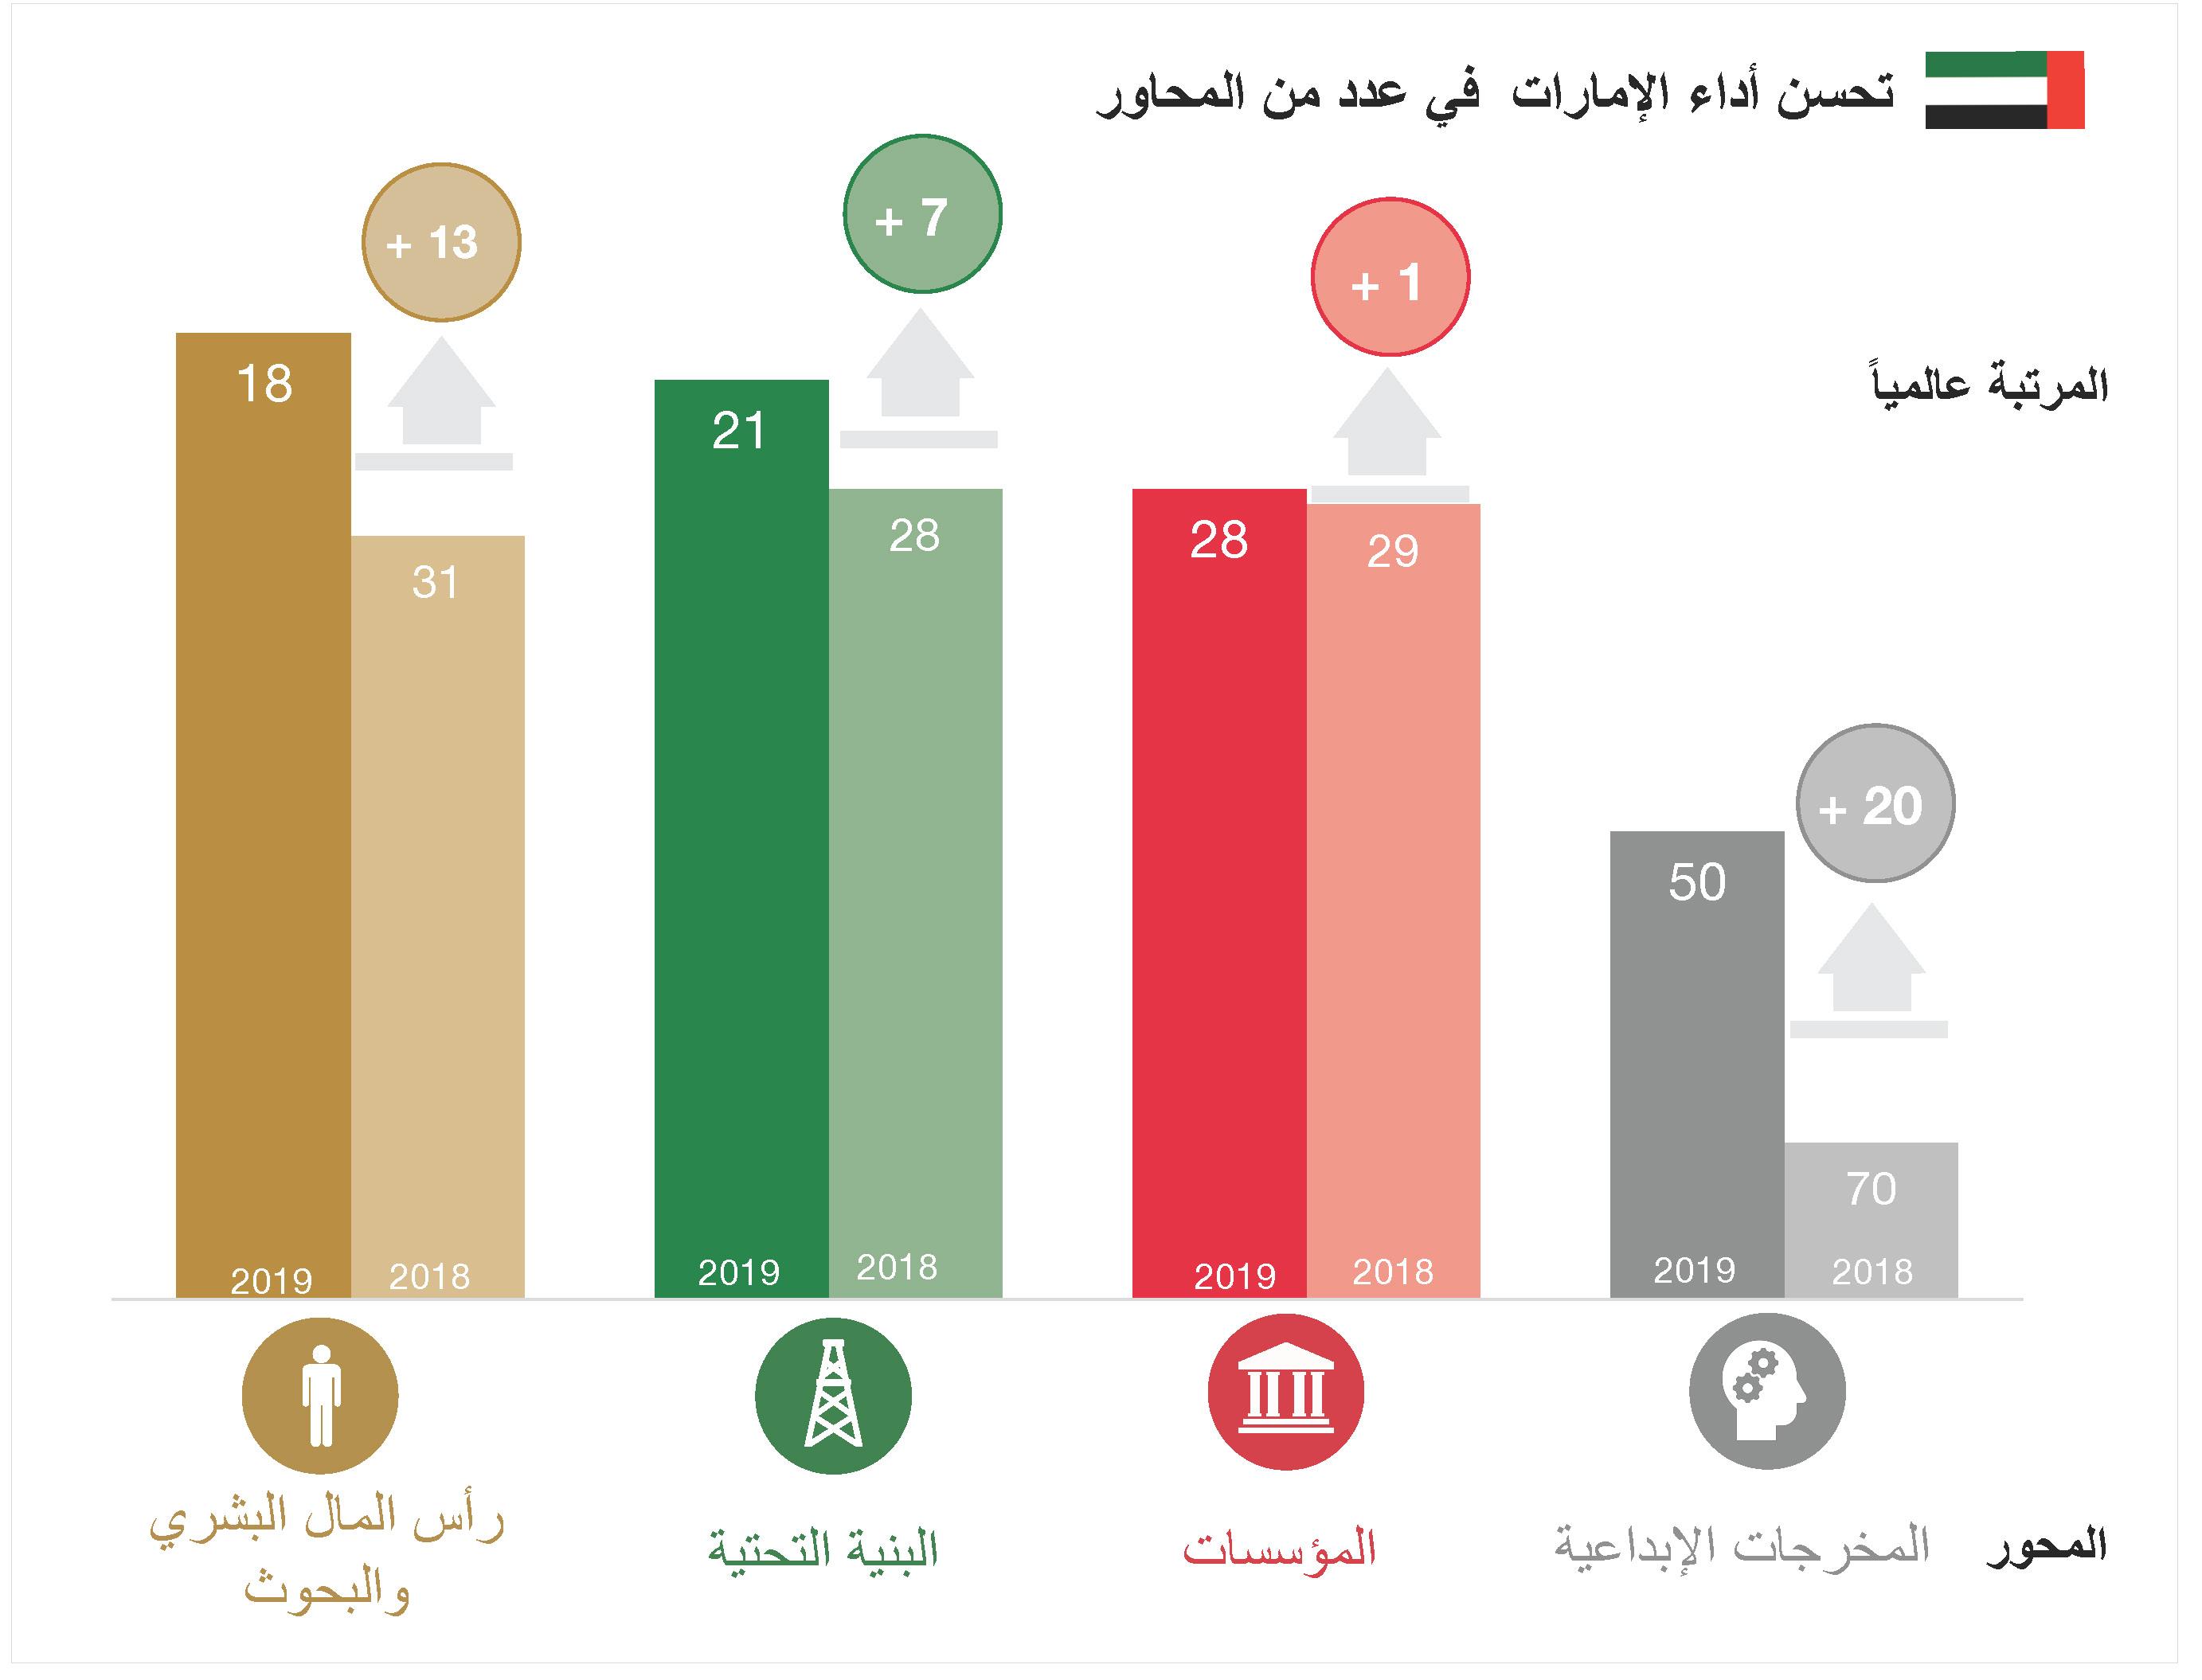 الإمارات تحافظ على صدارتها عربيا في مؤشر الابتكار العالمي 2019